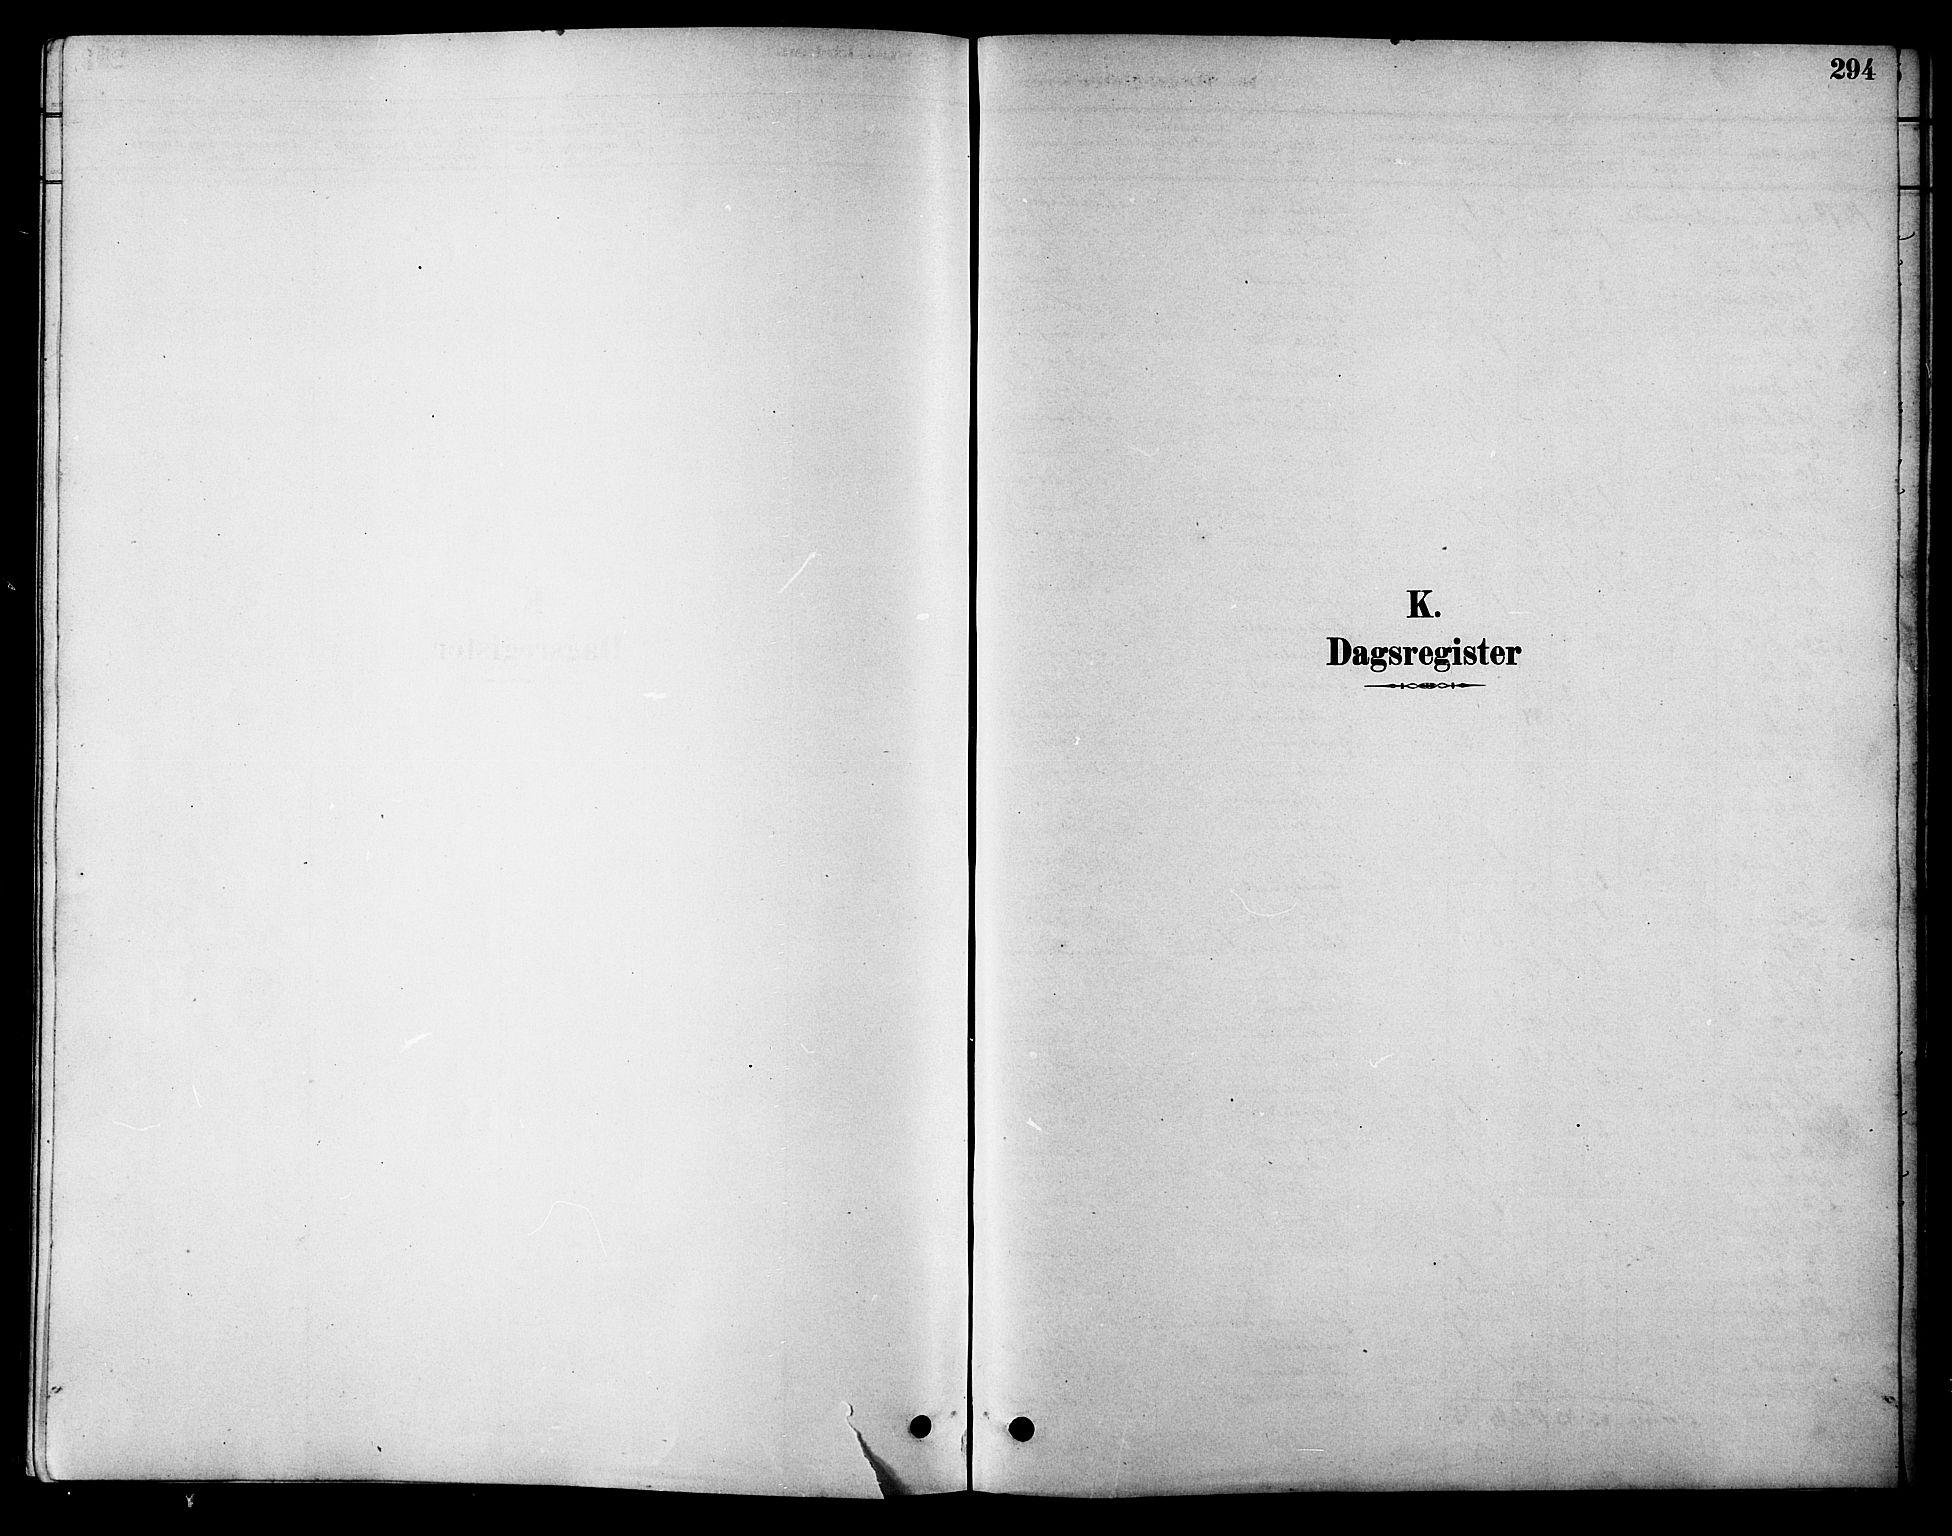 SAT, Ministerialprotokoller, klokkerbøker og fødselsregistre - Sør-Trøndelag, 616/L0423: Klokkerbok nr. 616C06, 1878-1903, s. 294